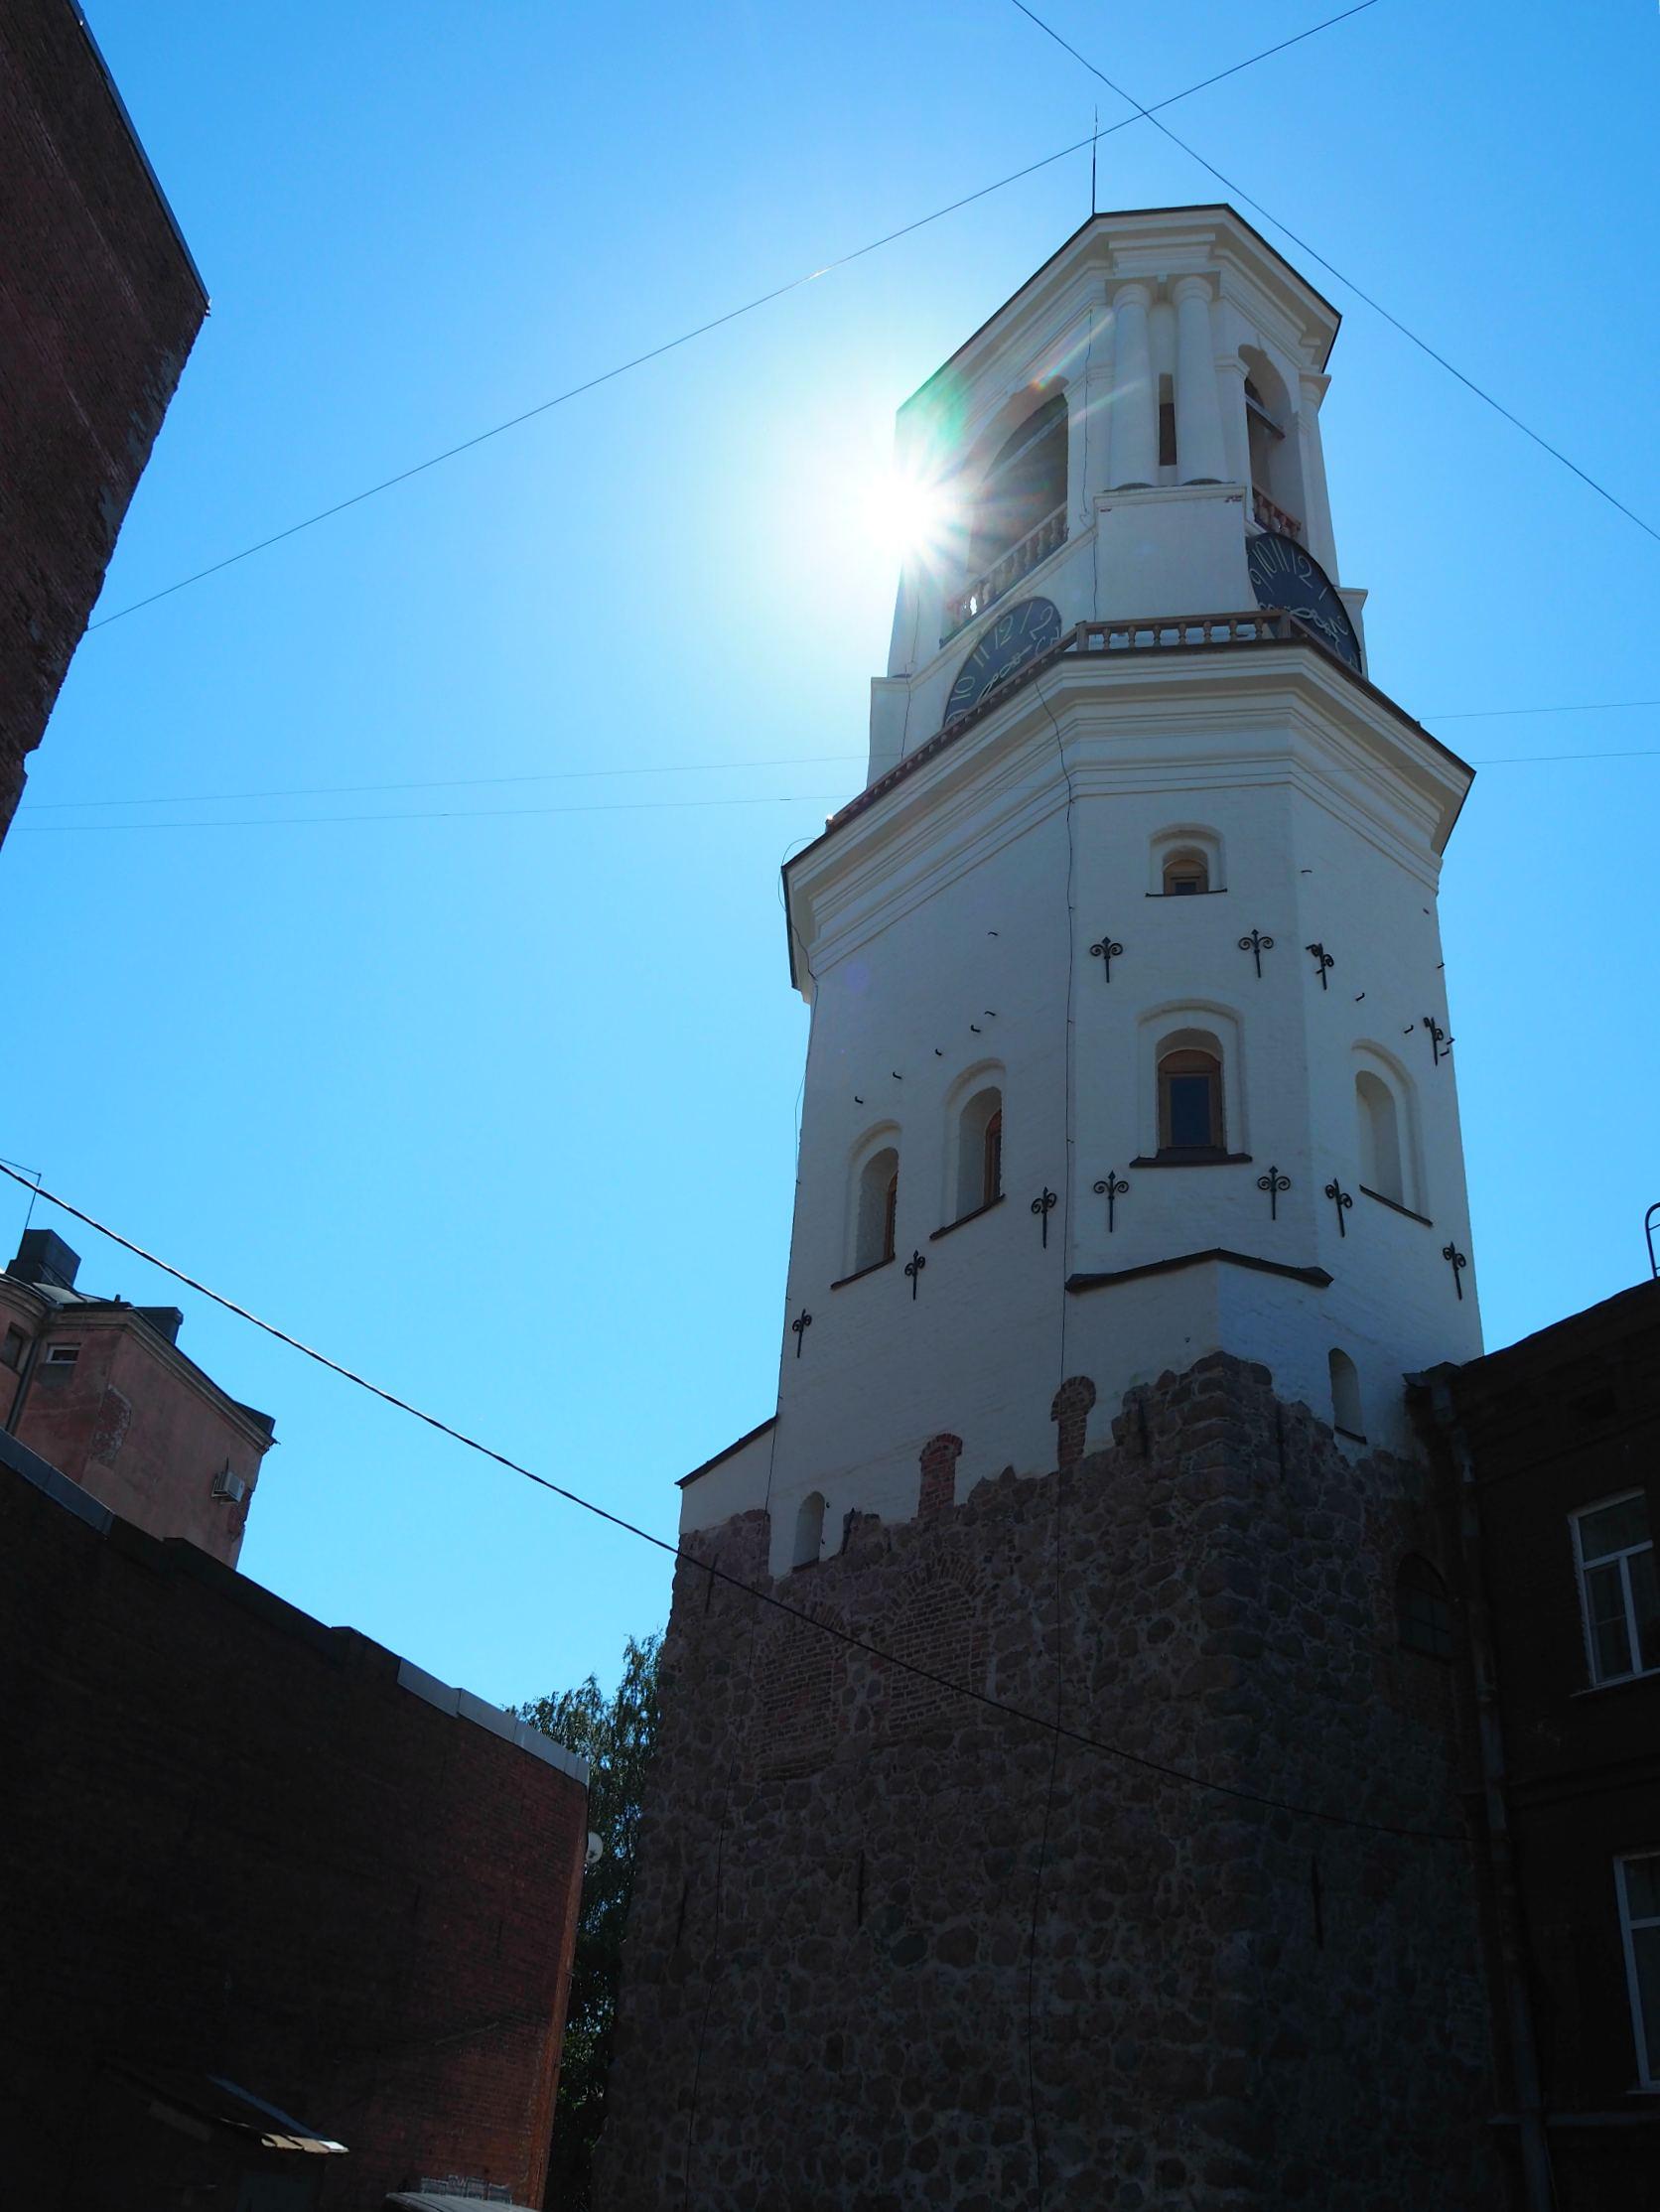 Выборг, часовая башня